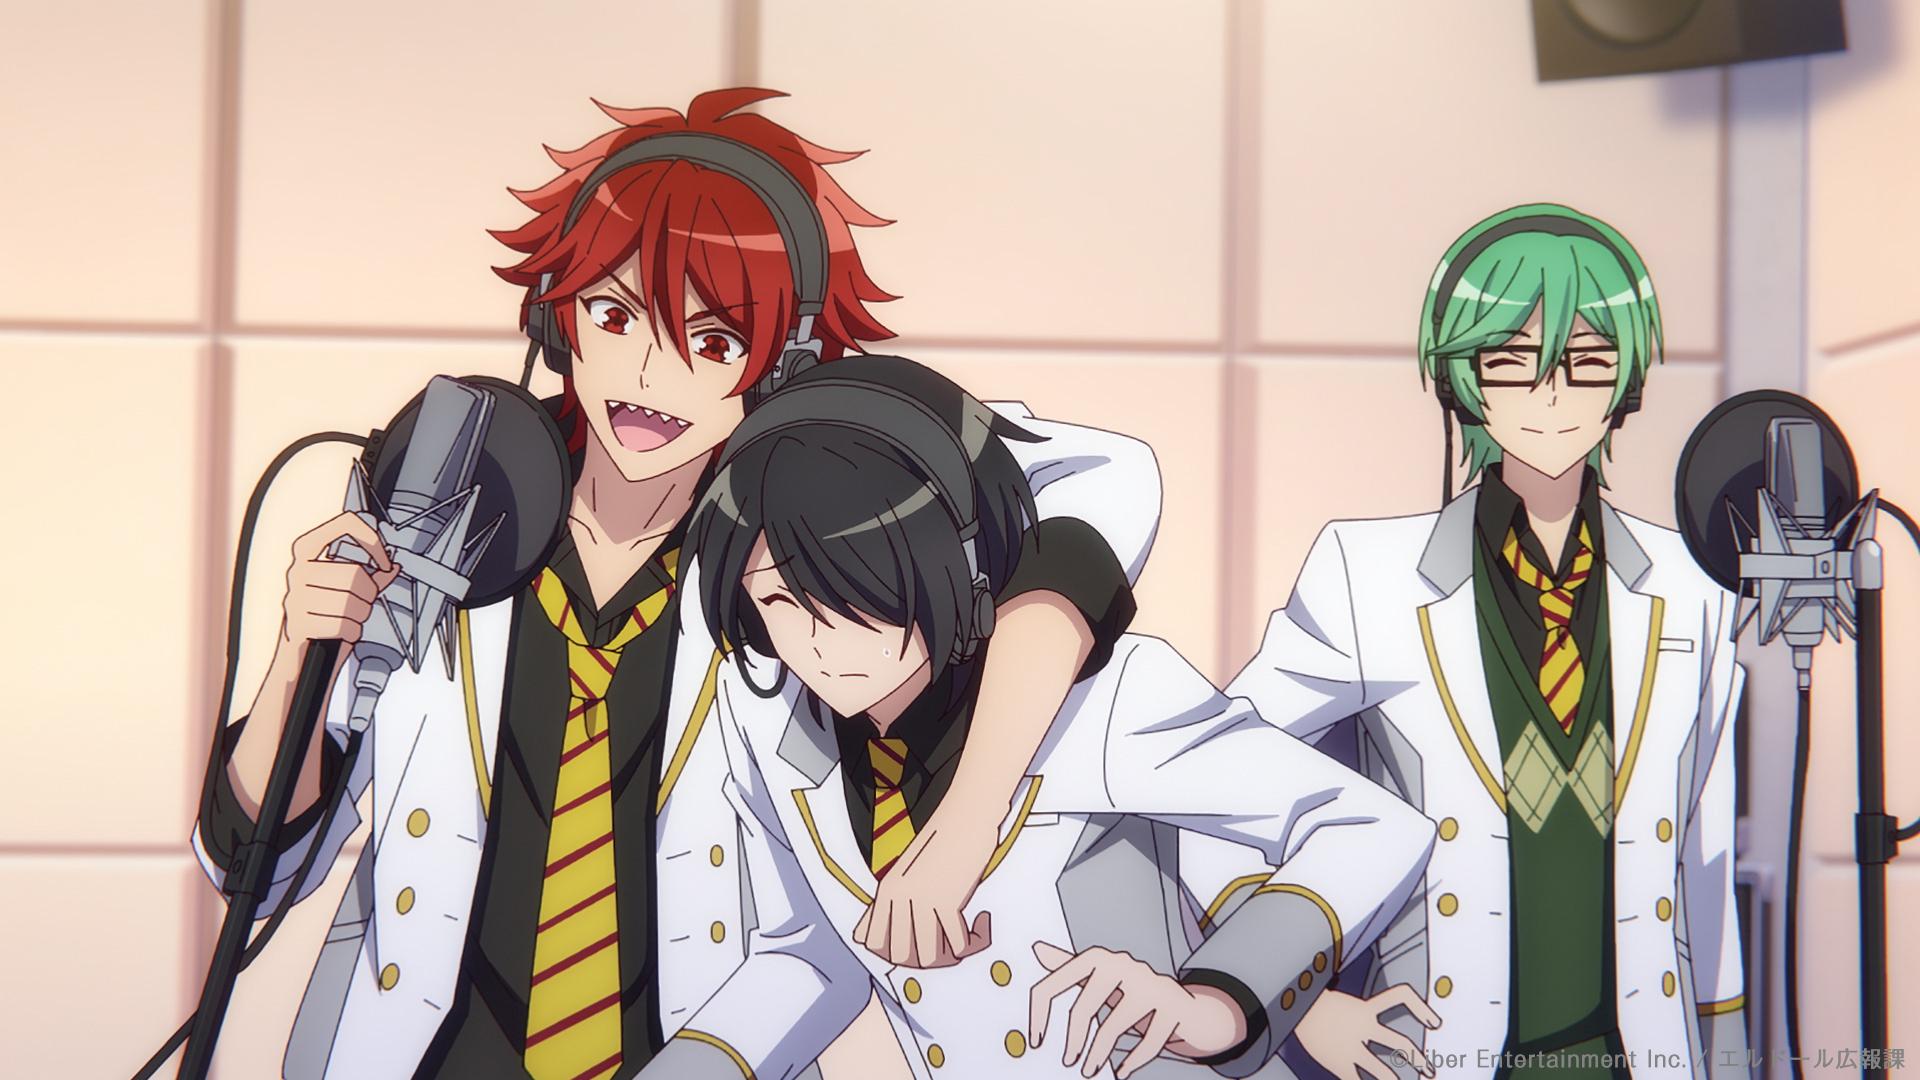 TVアニメ「アイ★チュウ」2021年1月より放送決定!PV・キャストコメント第2弾も公開